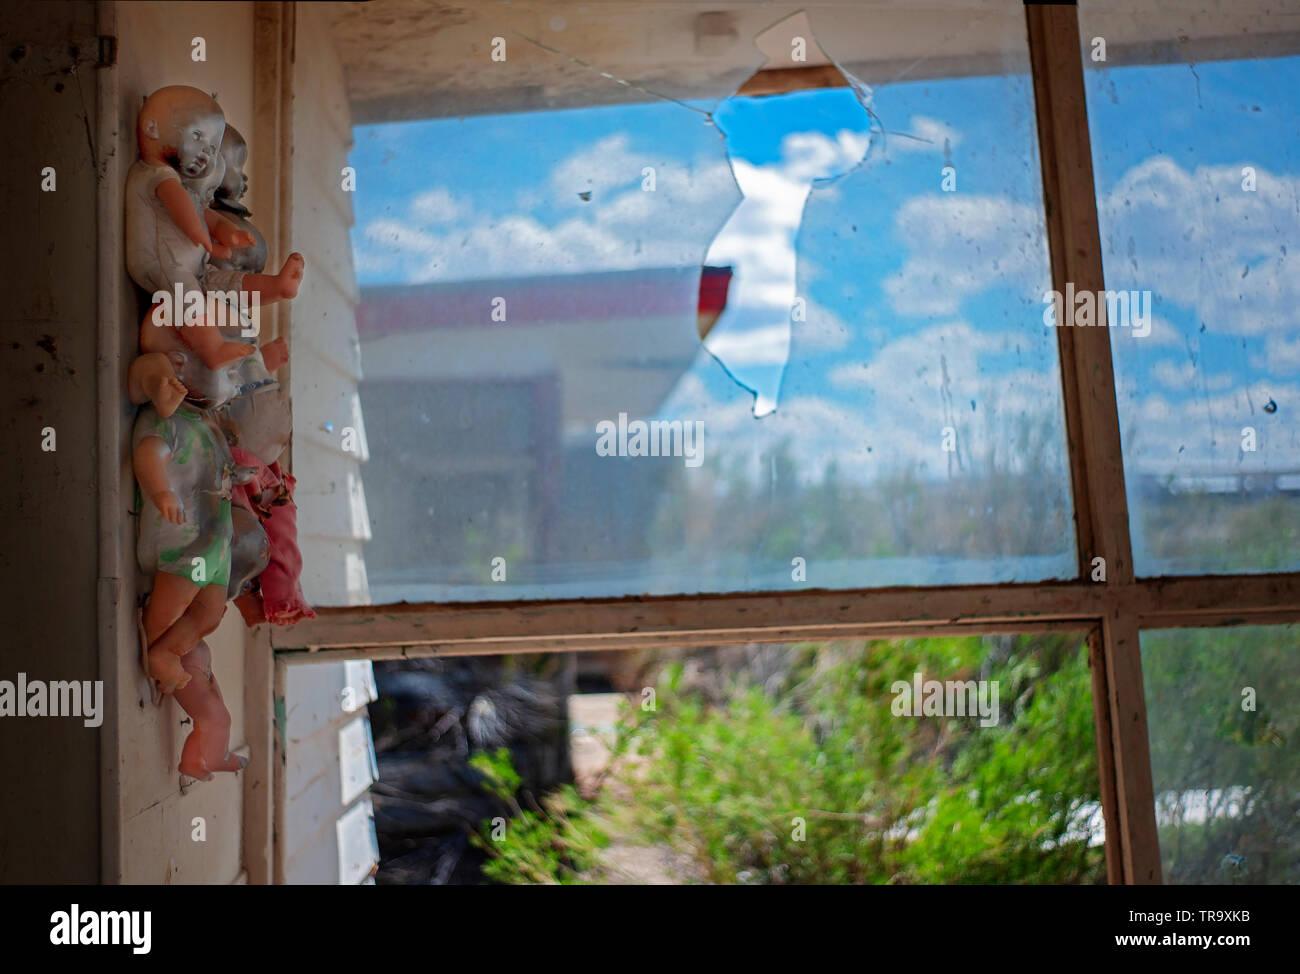 Aufgeschlüsselt SPEICHERN MIT OKKULTEN PUPPEN genagelt und an der Wand, gemalt und arrangiert. Stockbild